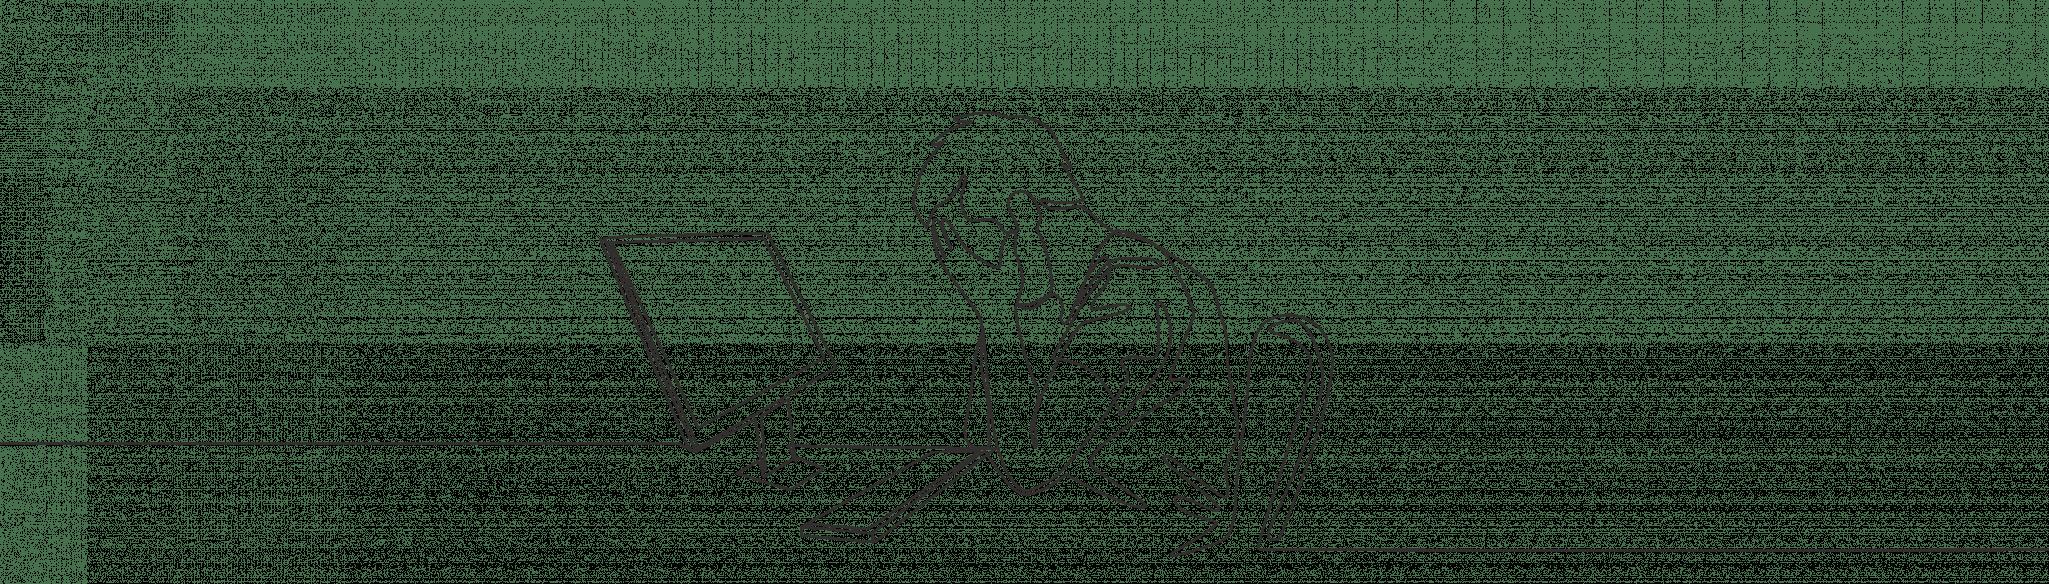 Récupération de données perdues par un professionnel de l'informatique